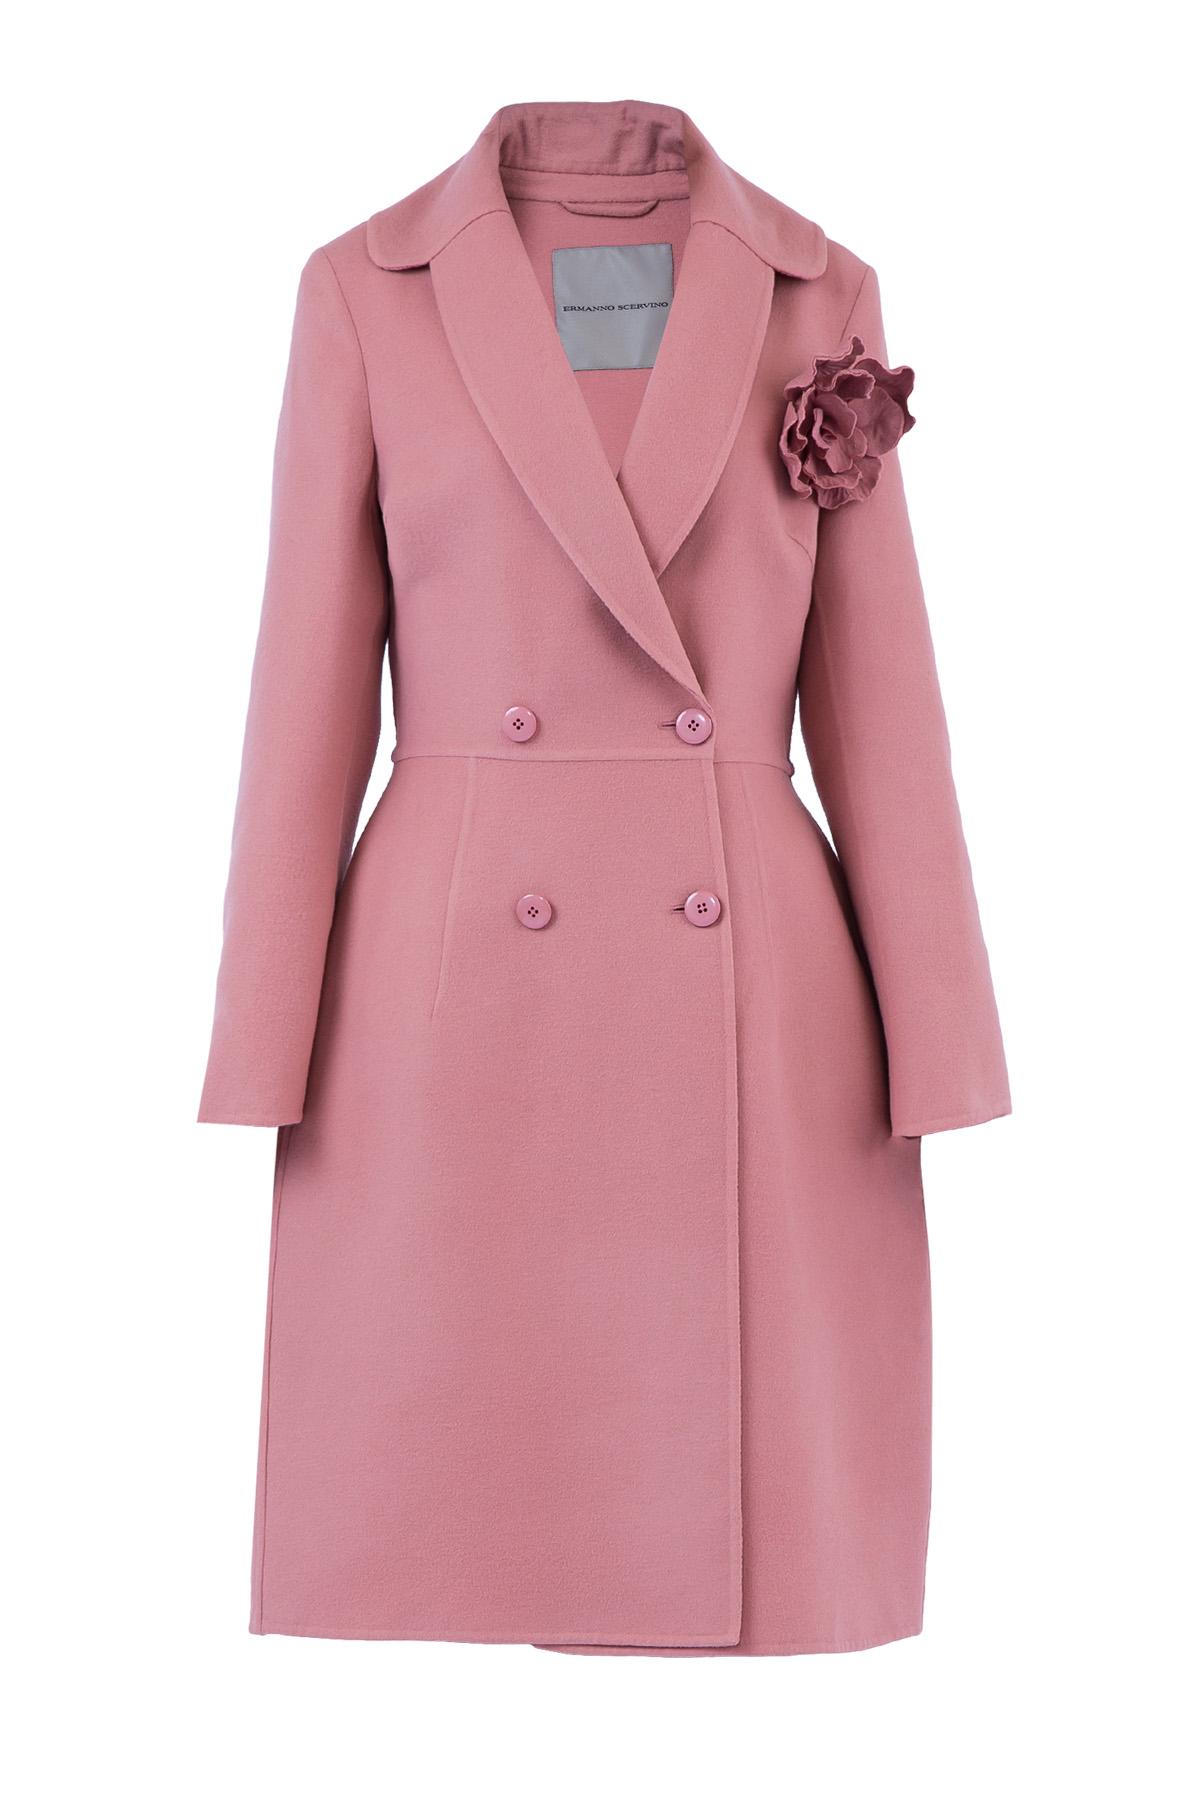 Купить Пальто, ERMANNO SCERVINO, Италия, шерсть 100%